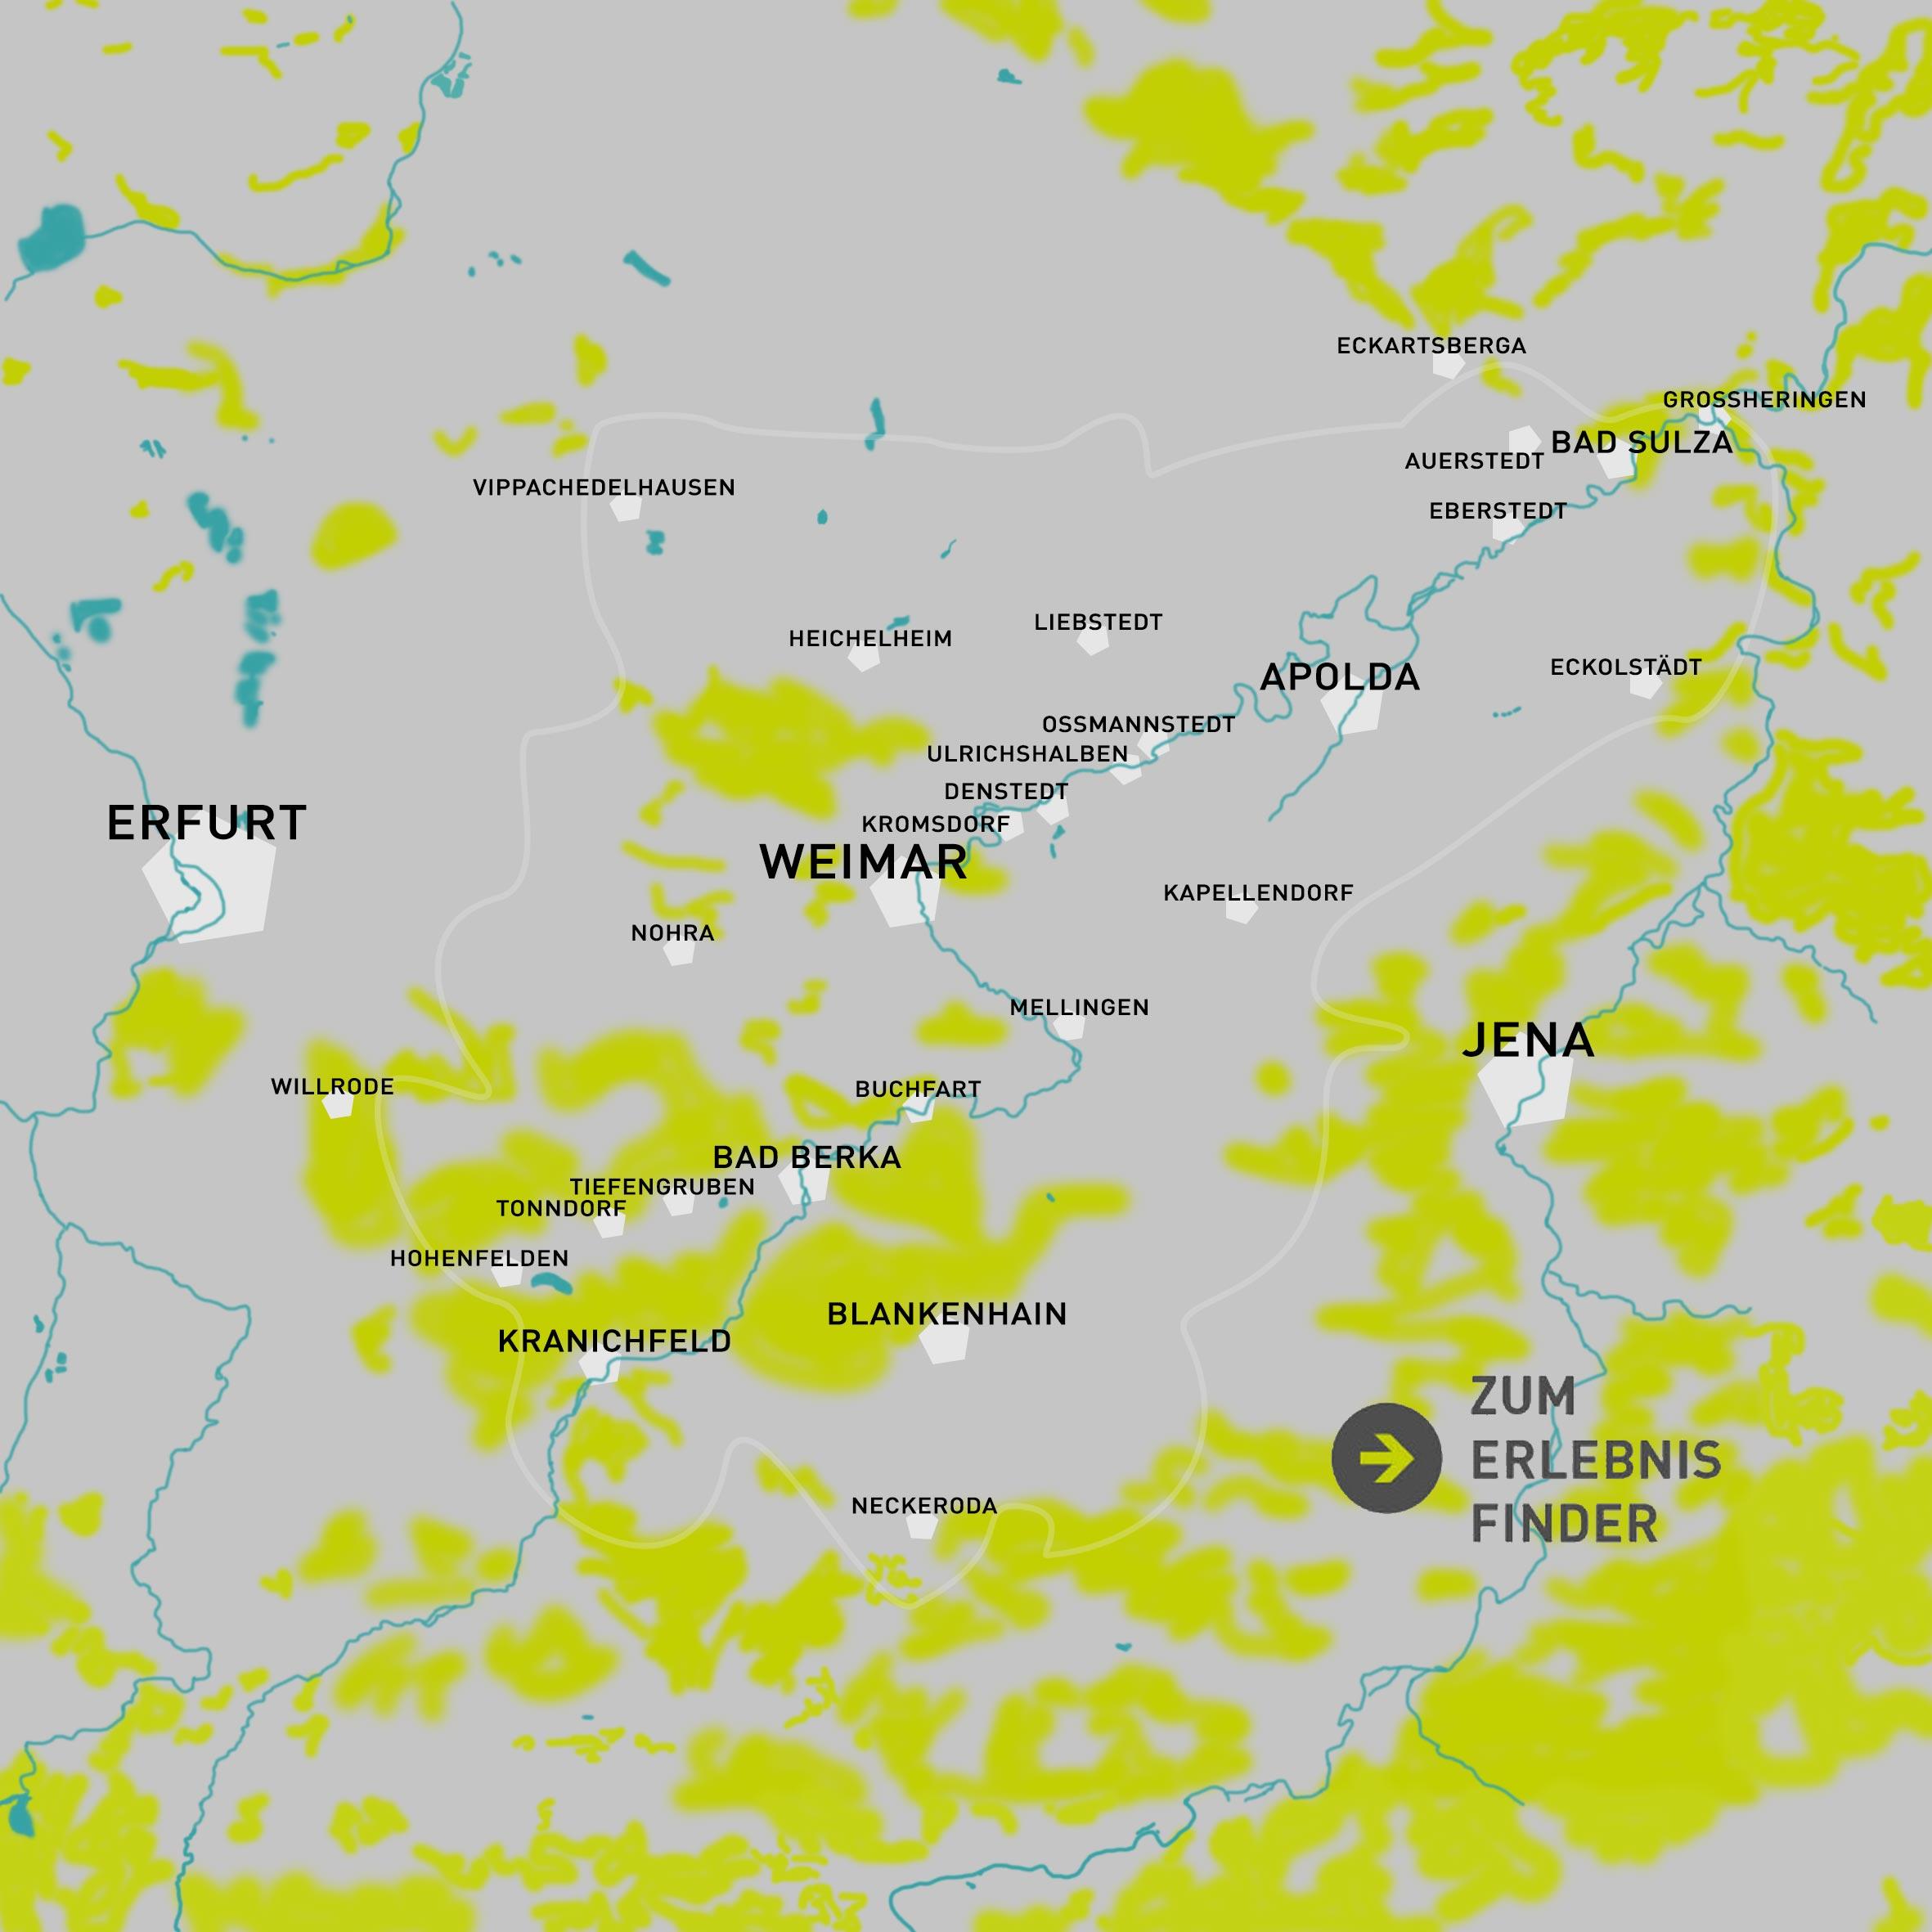 Karte des Weimarer Landes